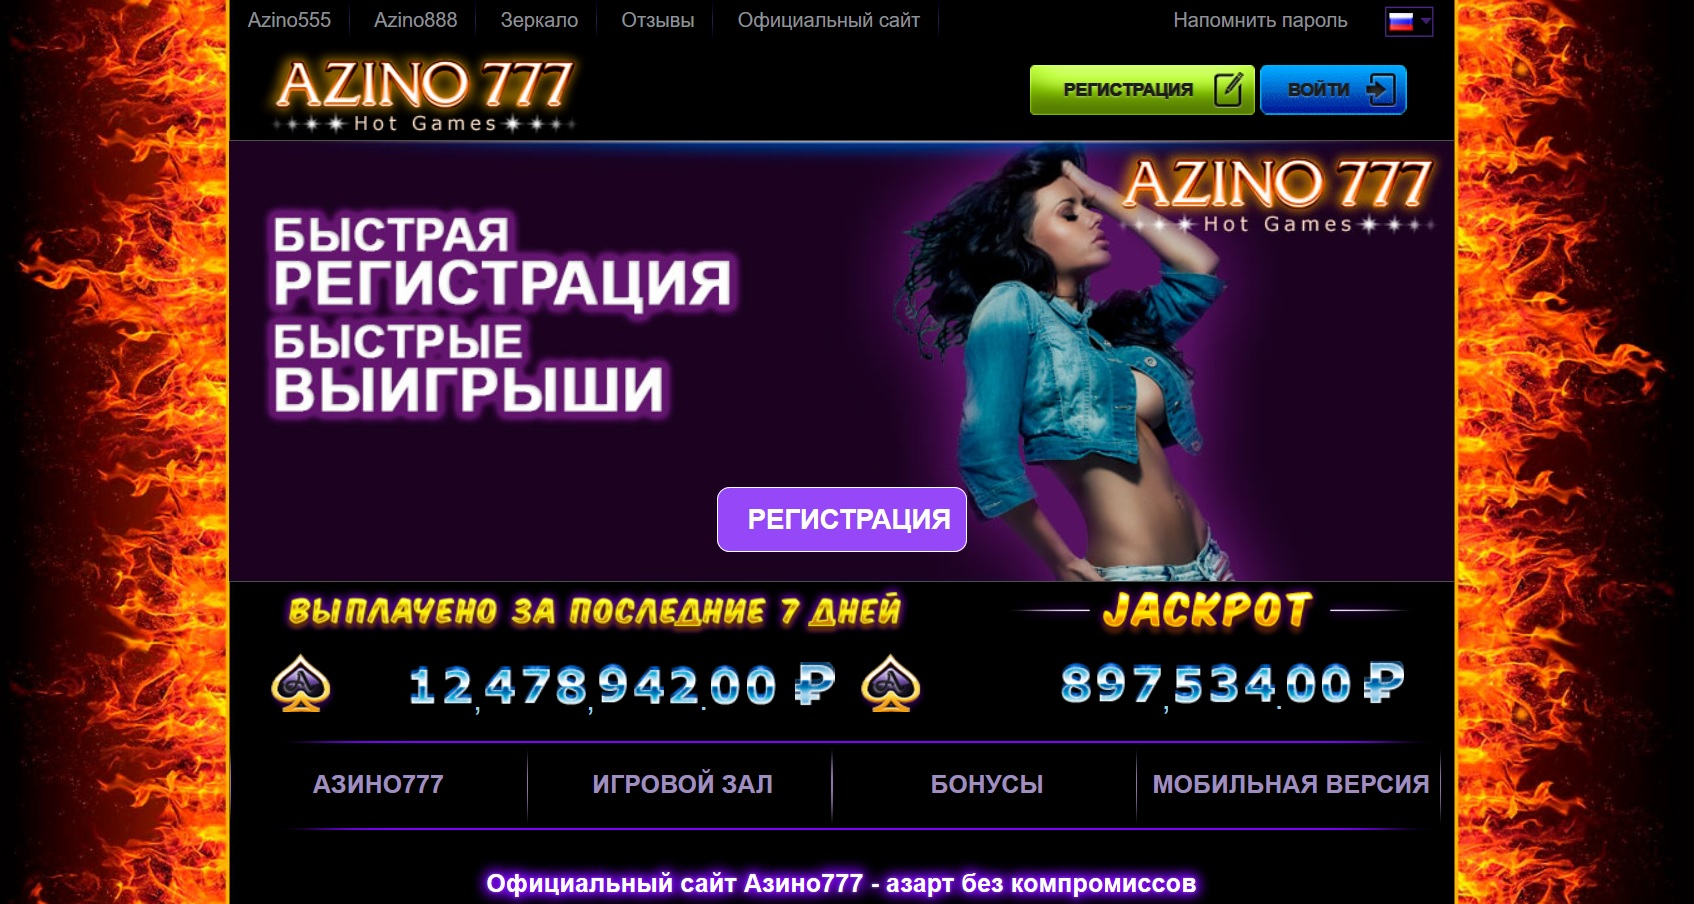 2 азино777 официальный сайт